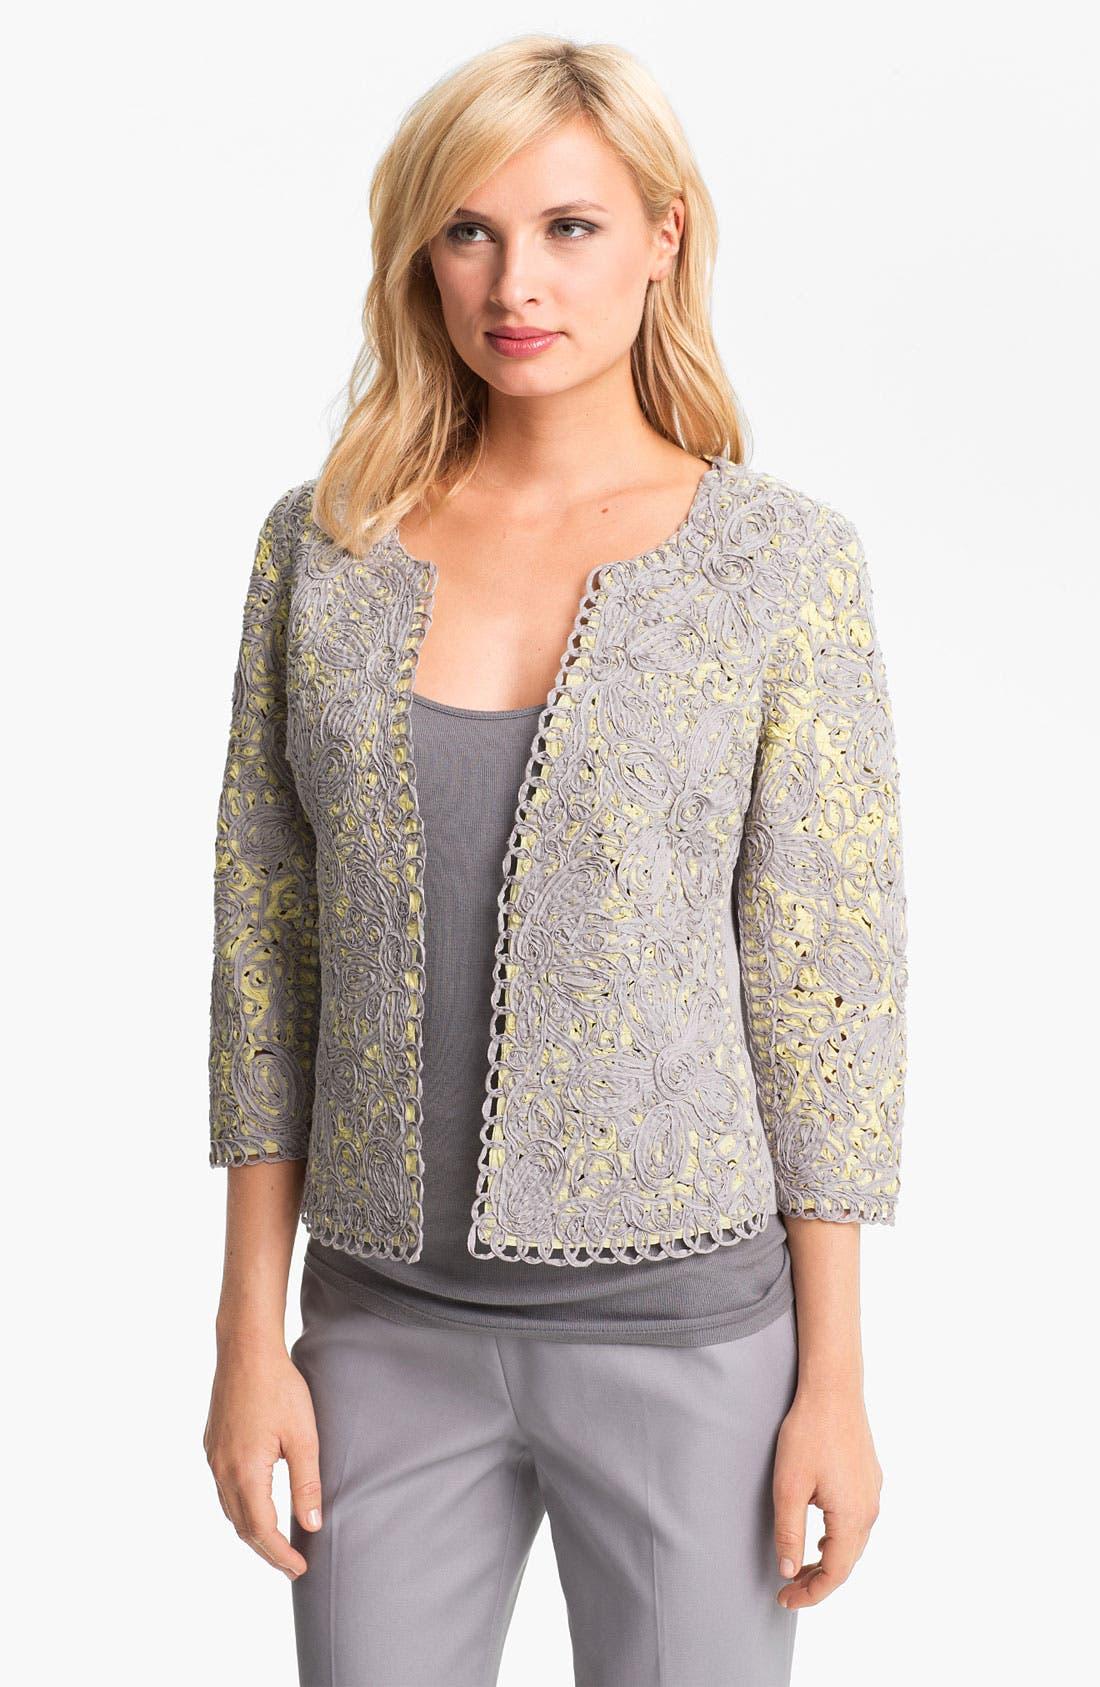 Main Image - Nic + Zoe Two Tone Lace Jacket (Petite)